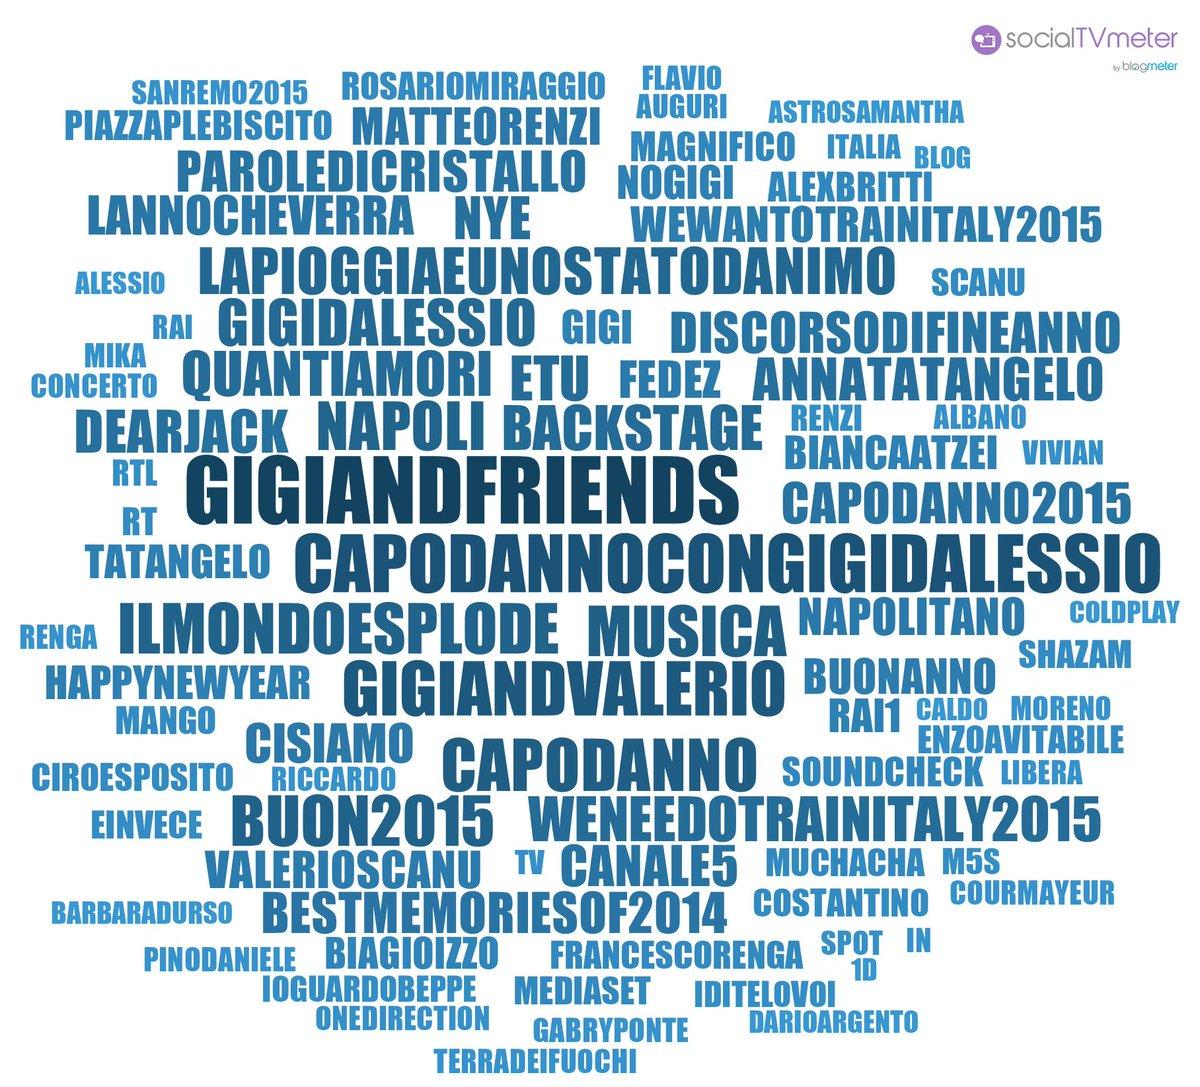 #GigiAndFriends vince sui social: 15,09K post da 5,41K autori. 8 milioni di Unique Impressions (20-03) #socialtv http://t.co/TzYf8DoE3e